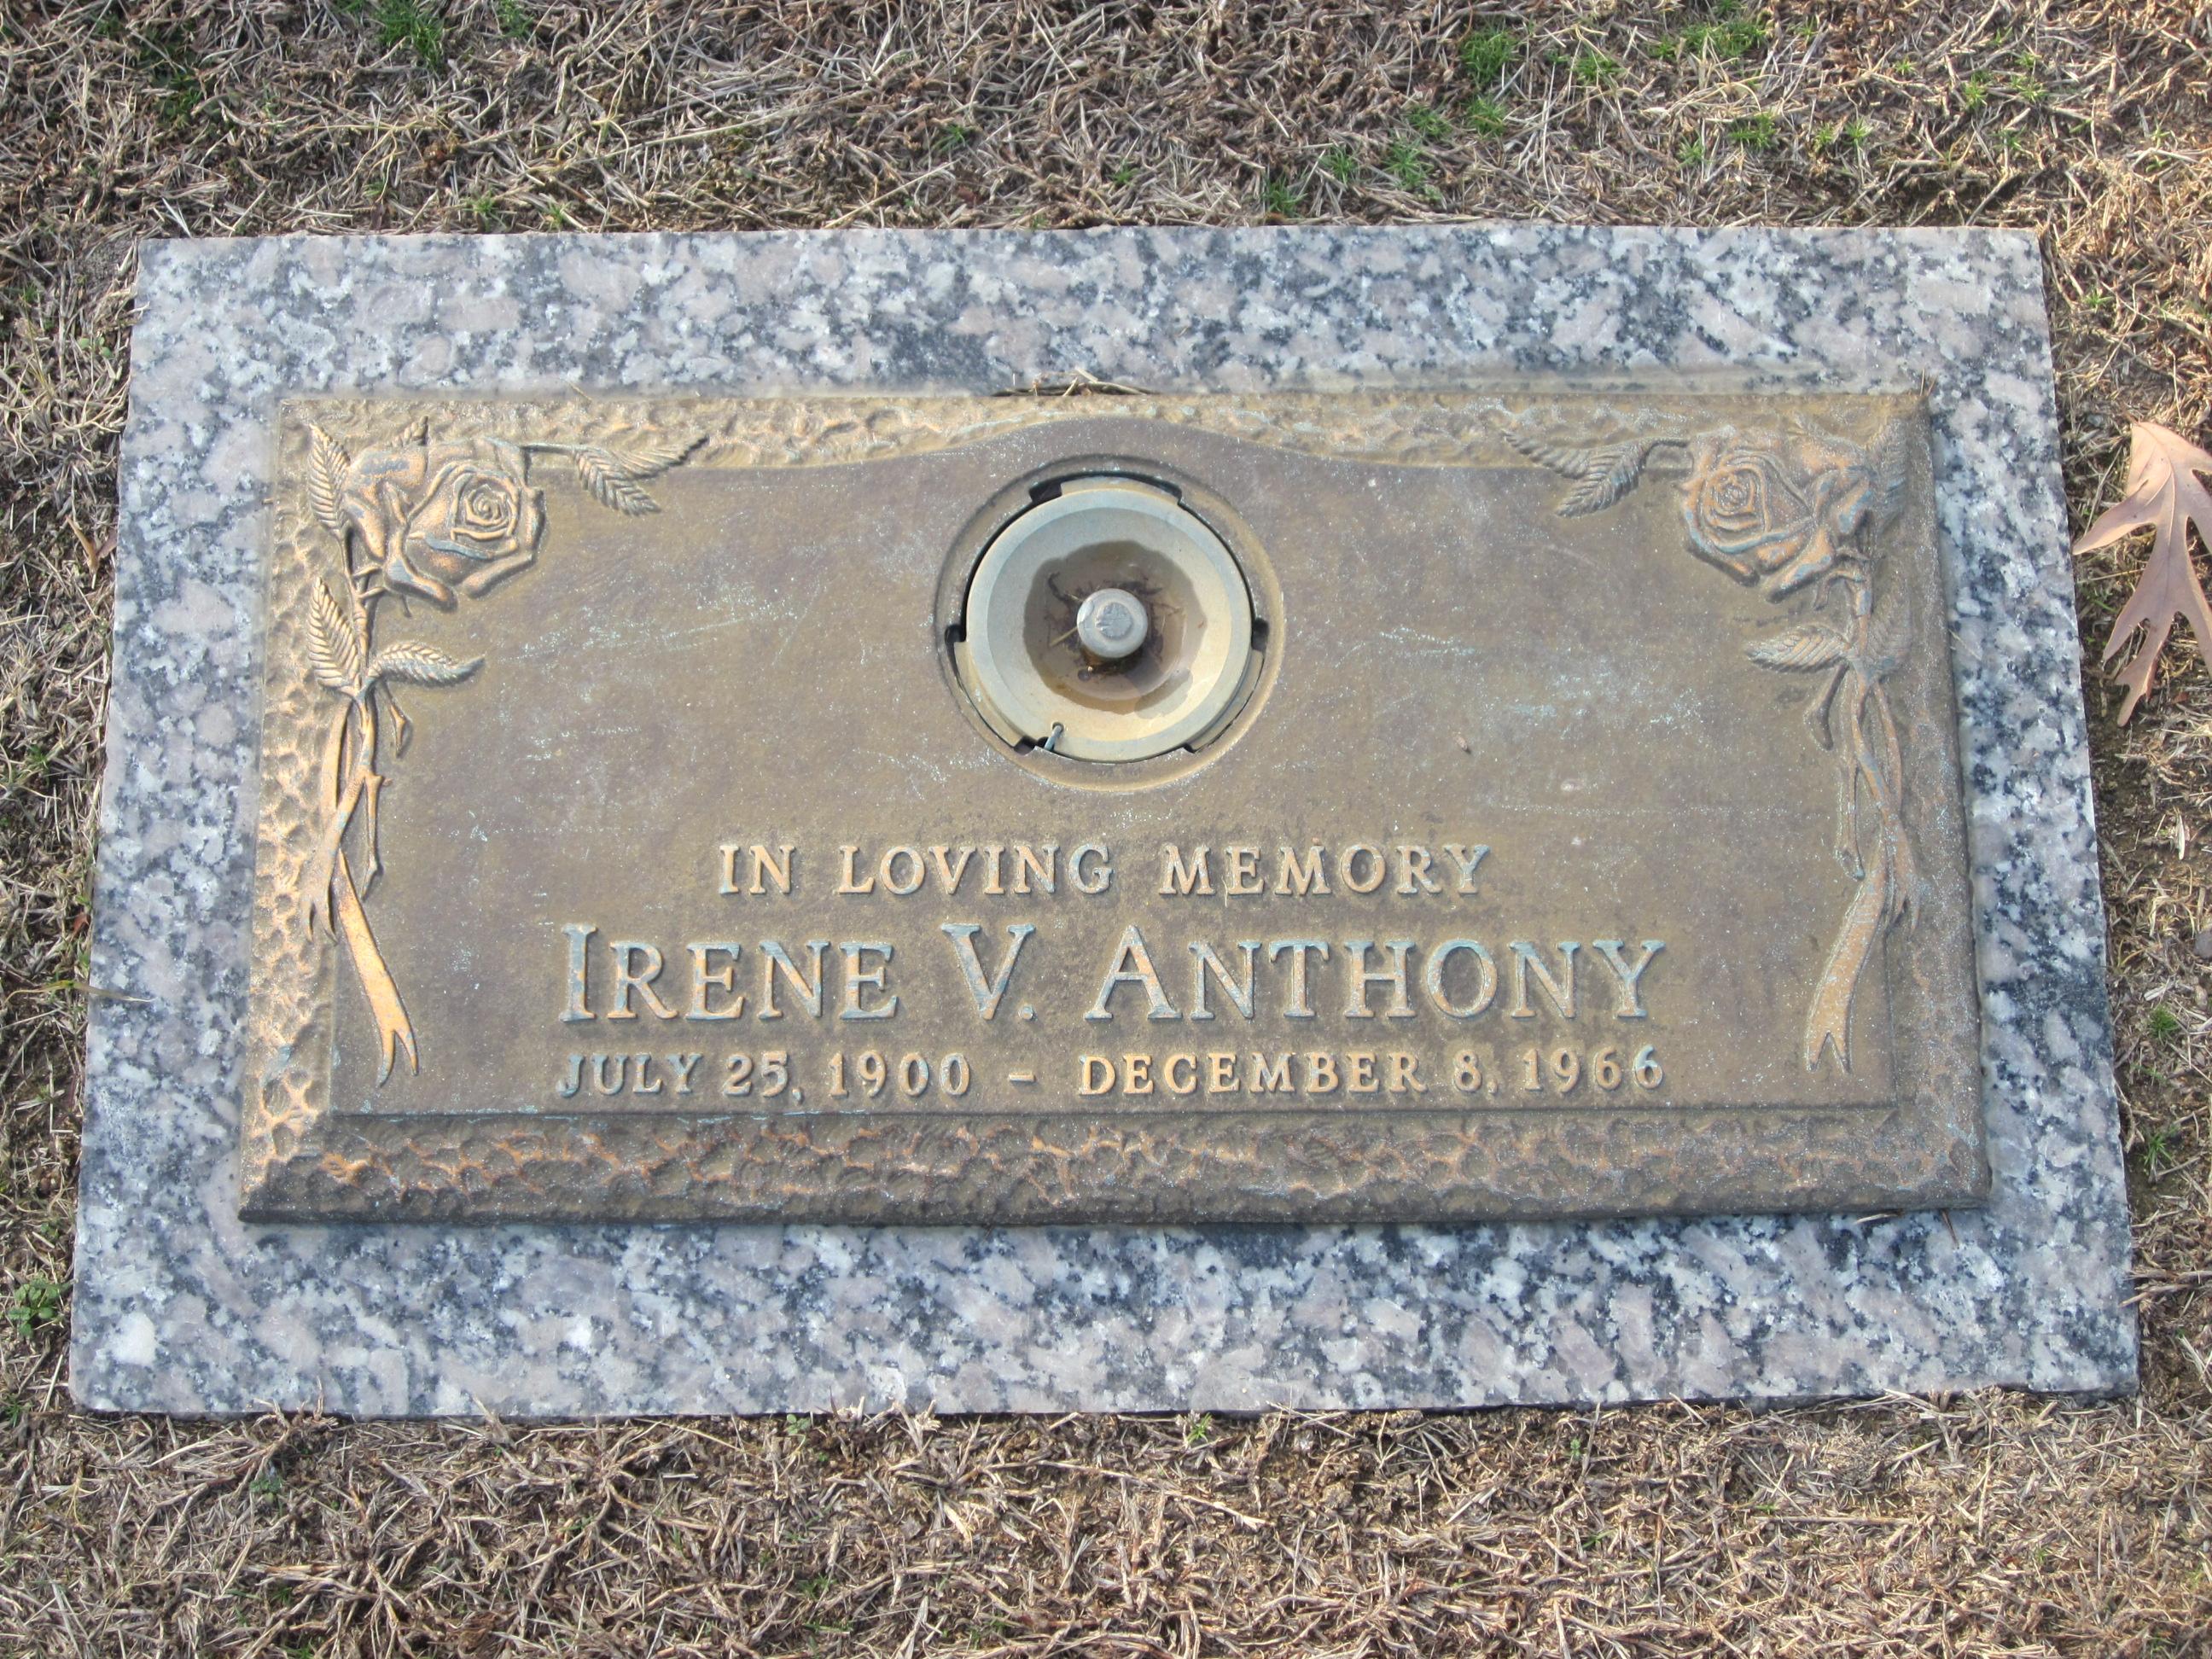 Irene V Anthony